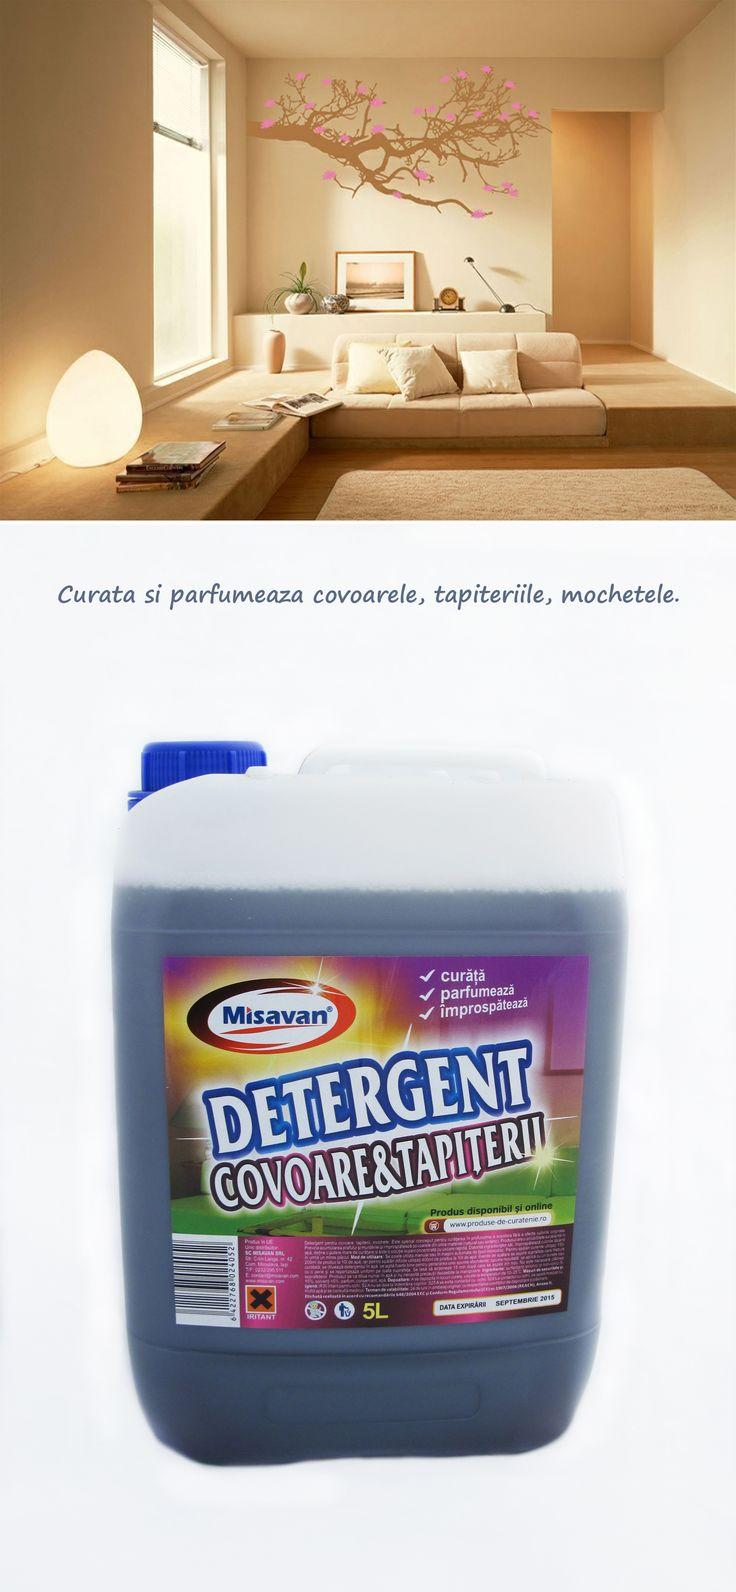 Va recomandam un produs ce curata covoarele, mochetele, tapiteriile: http://www.produse-horeca.ro/tratamente-suprafete-servicii/misavan-covoare-tapiterii-5l #curatenie #misavan. Simplu si eficient: curata, parfumeaza si nu afecteaza culorile.